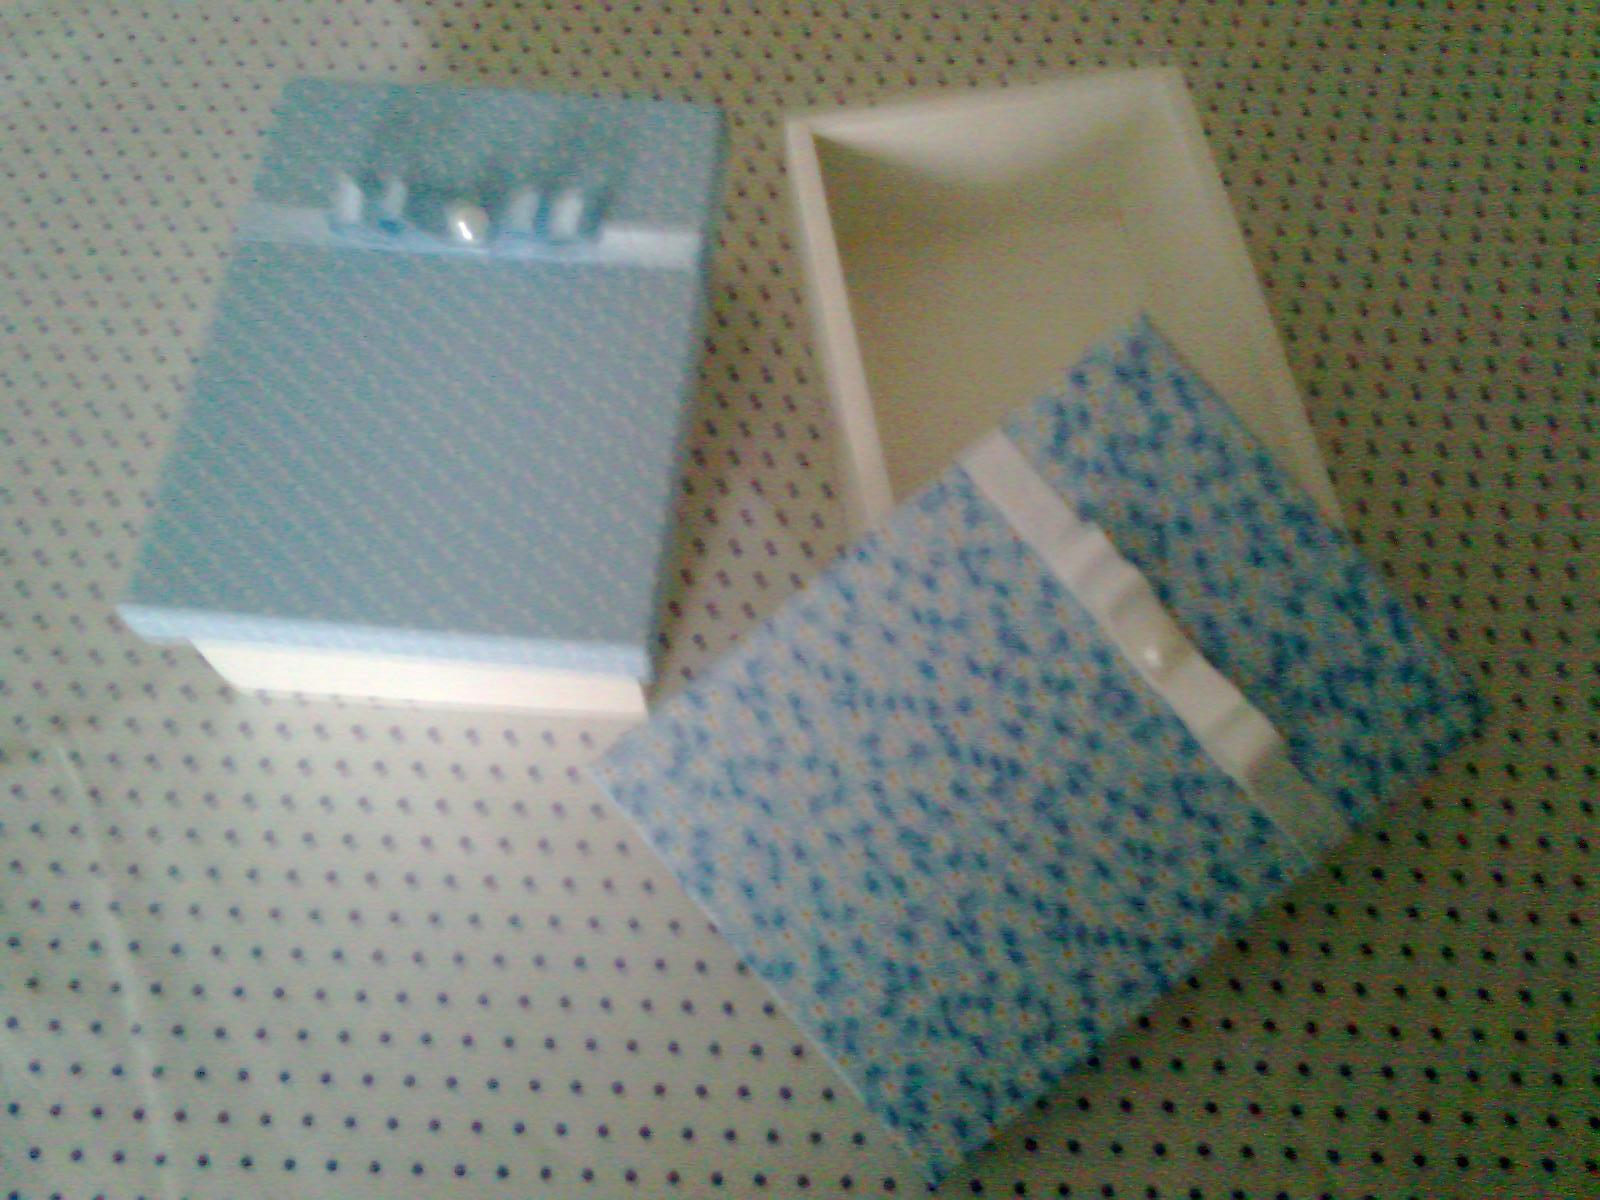 Caixas em MDF pintada com tampa forada em tecido 100% algodão com  #344D5D 1600x1200